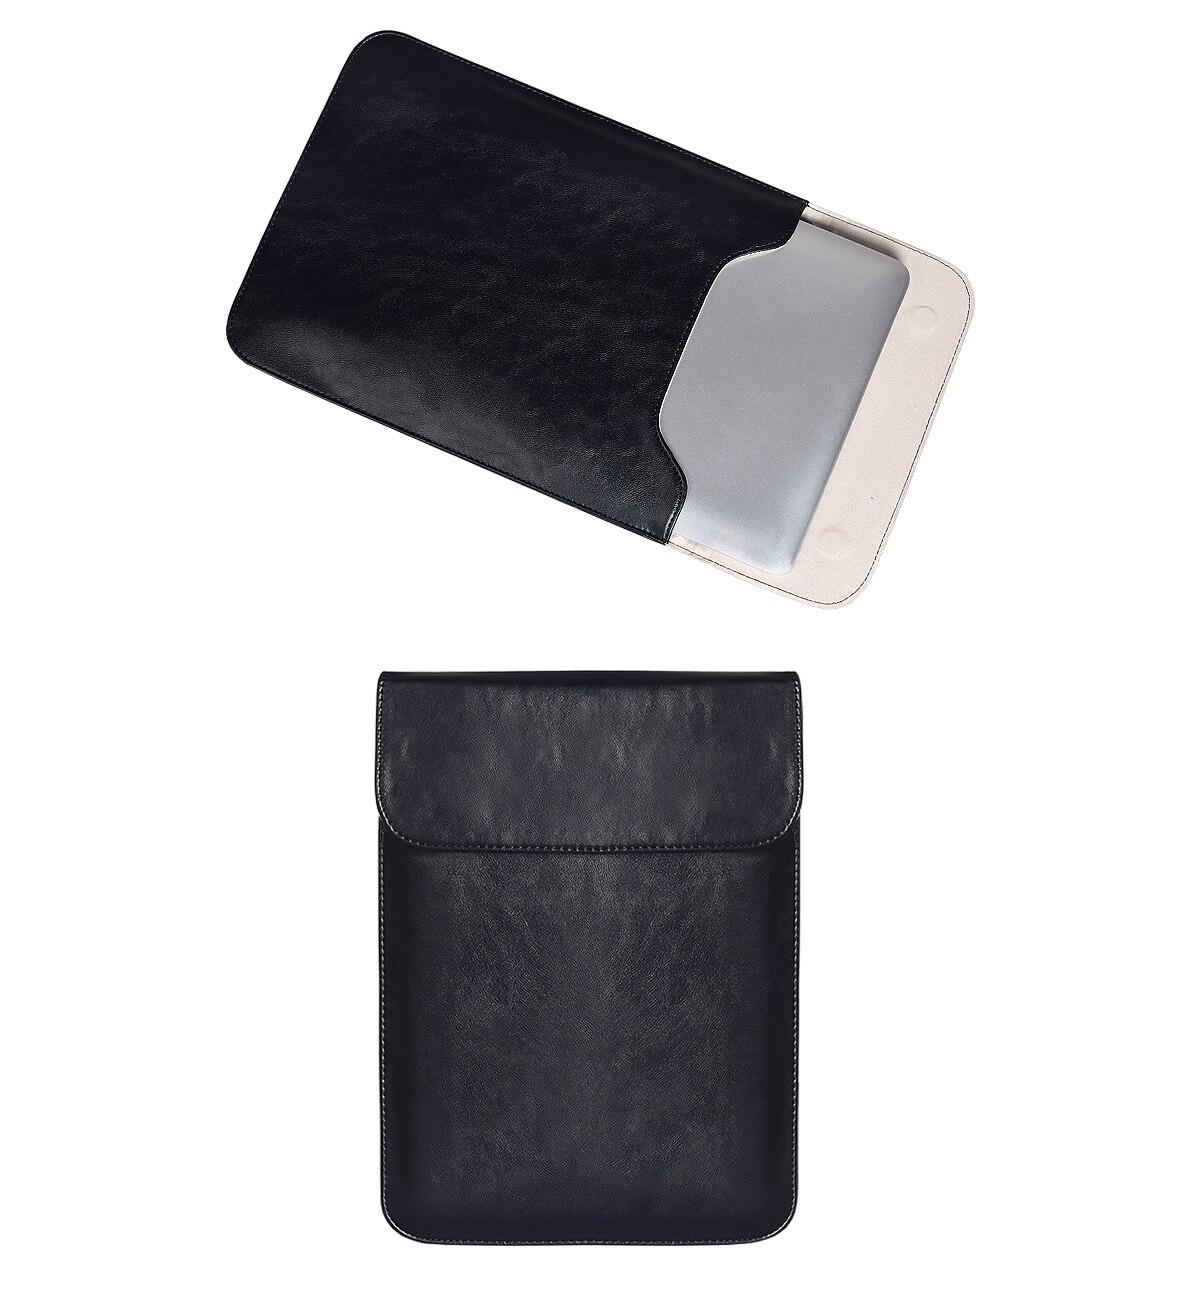 بولي Leather الجلود واقية دفتر حمل غطاء لجهاز ماك بوك اير برو شاومي الهواء HP ديل Ultrabook 11 13 15 بوصة حقيبة لاب توب